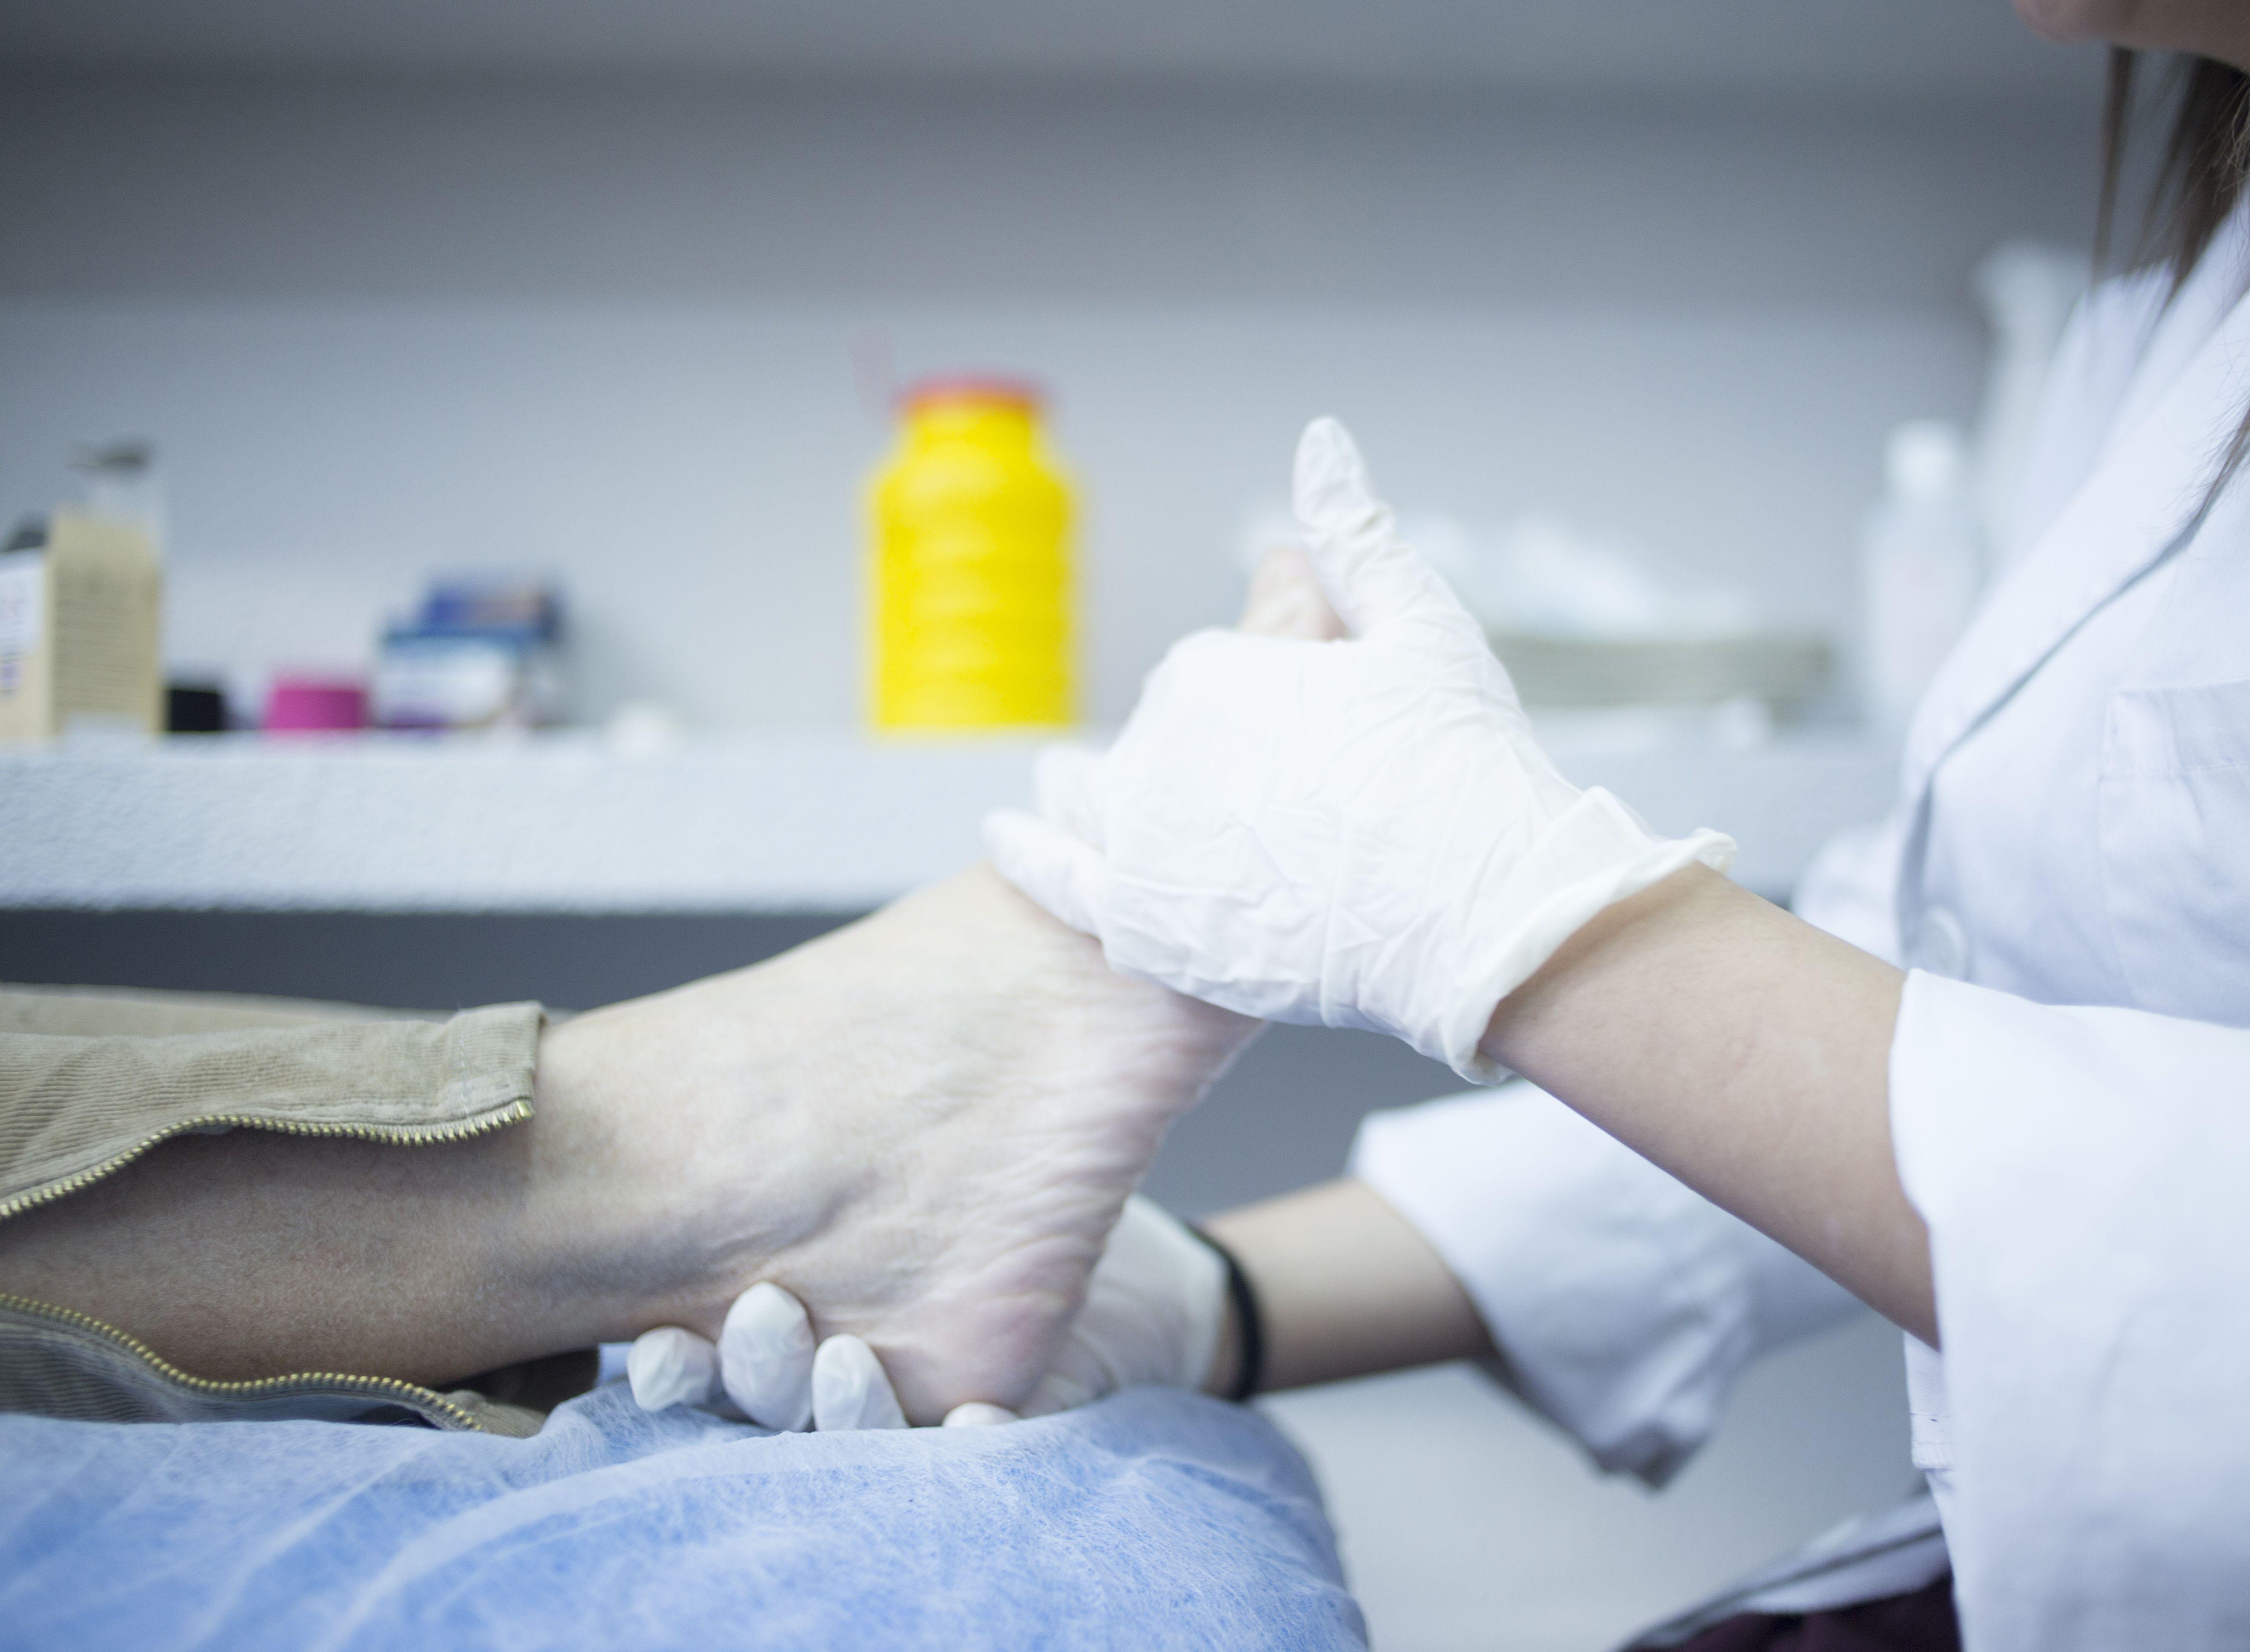 Rehabilitación de pies y tobillos